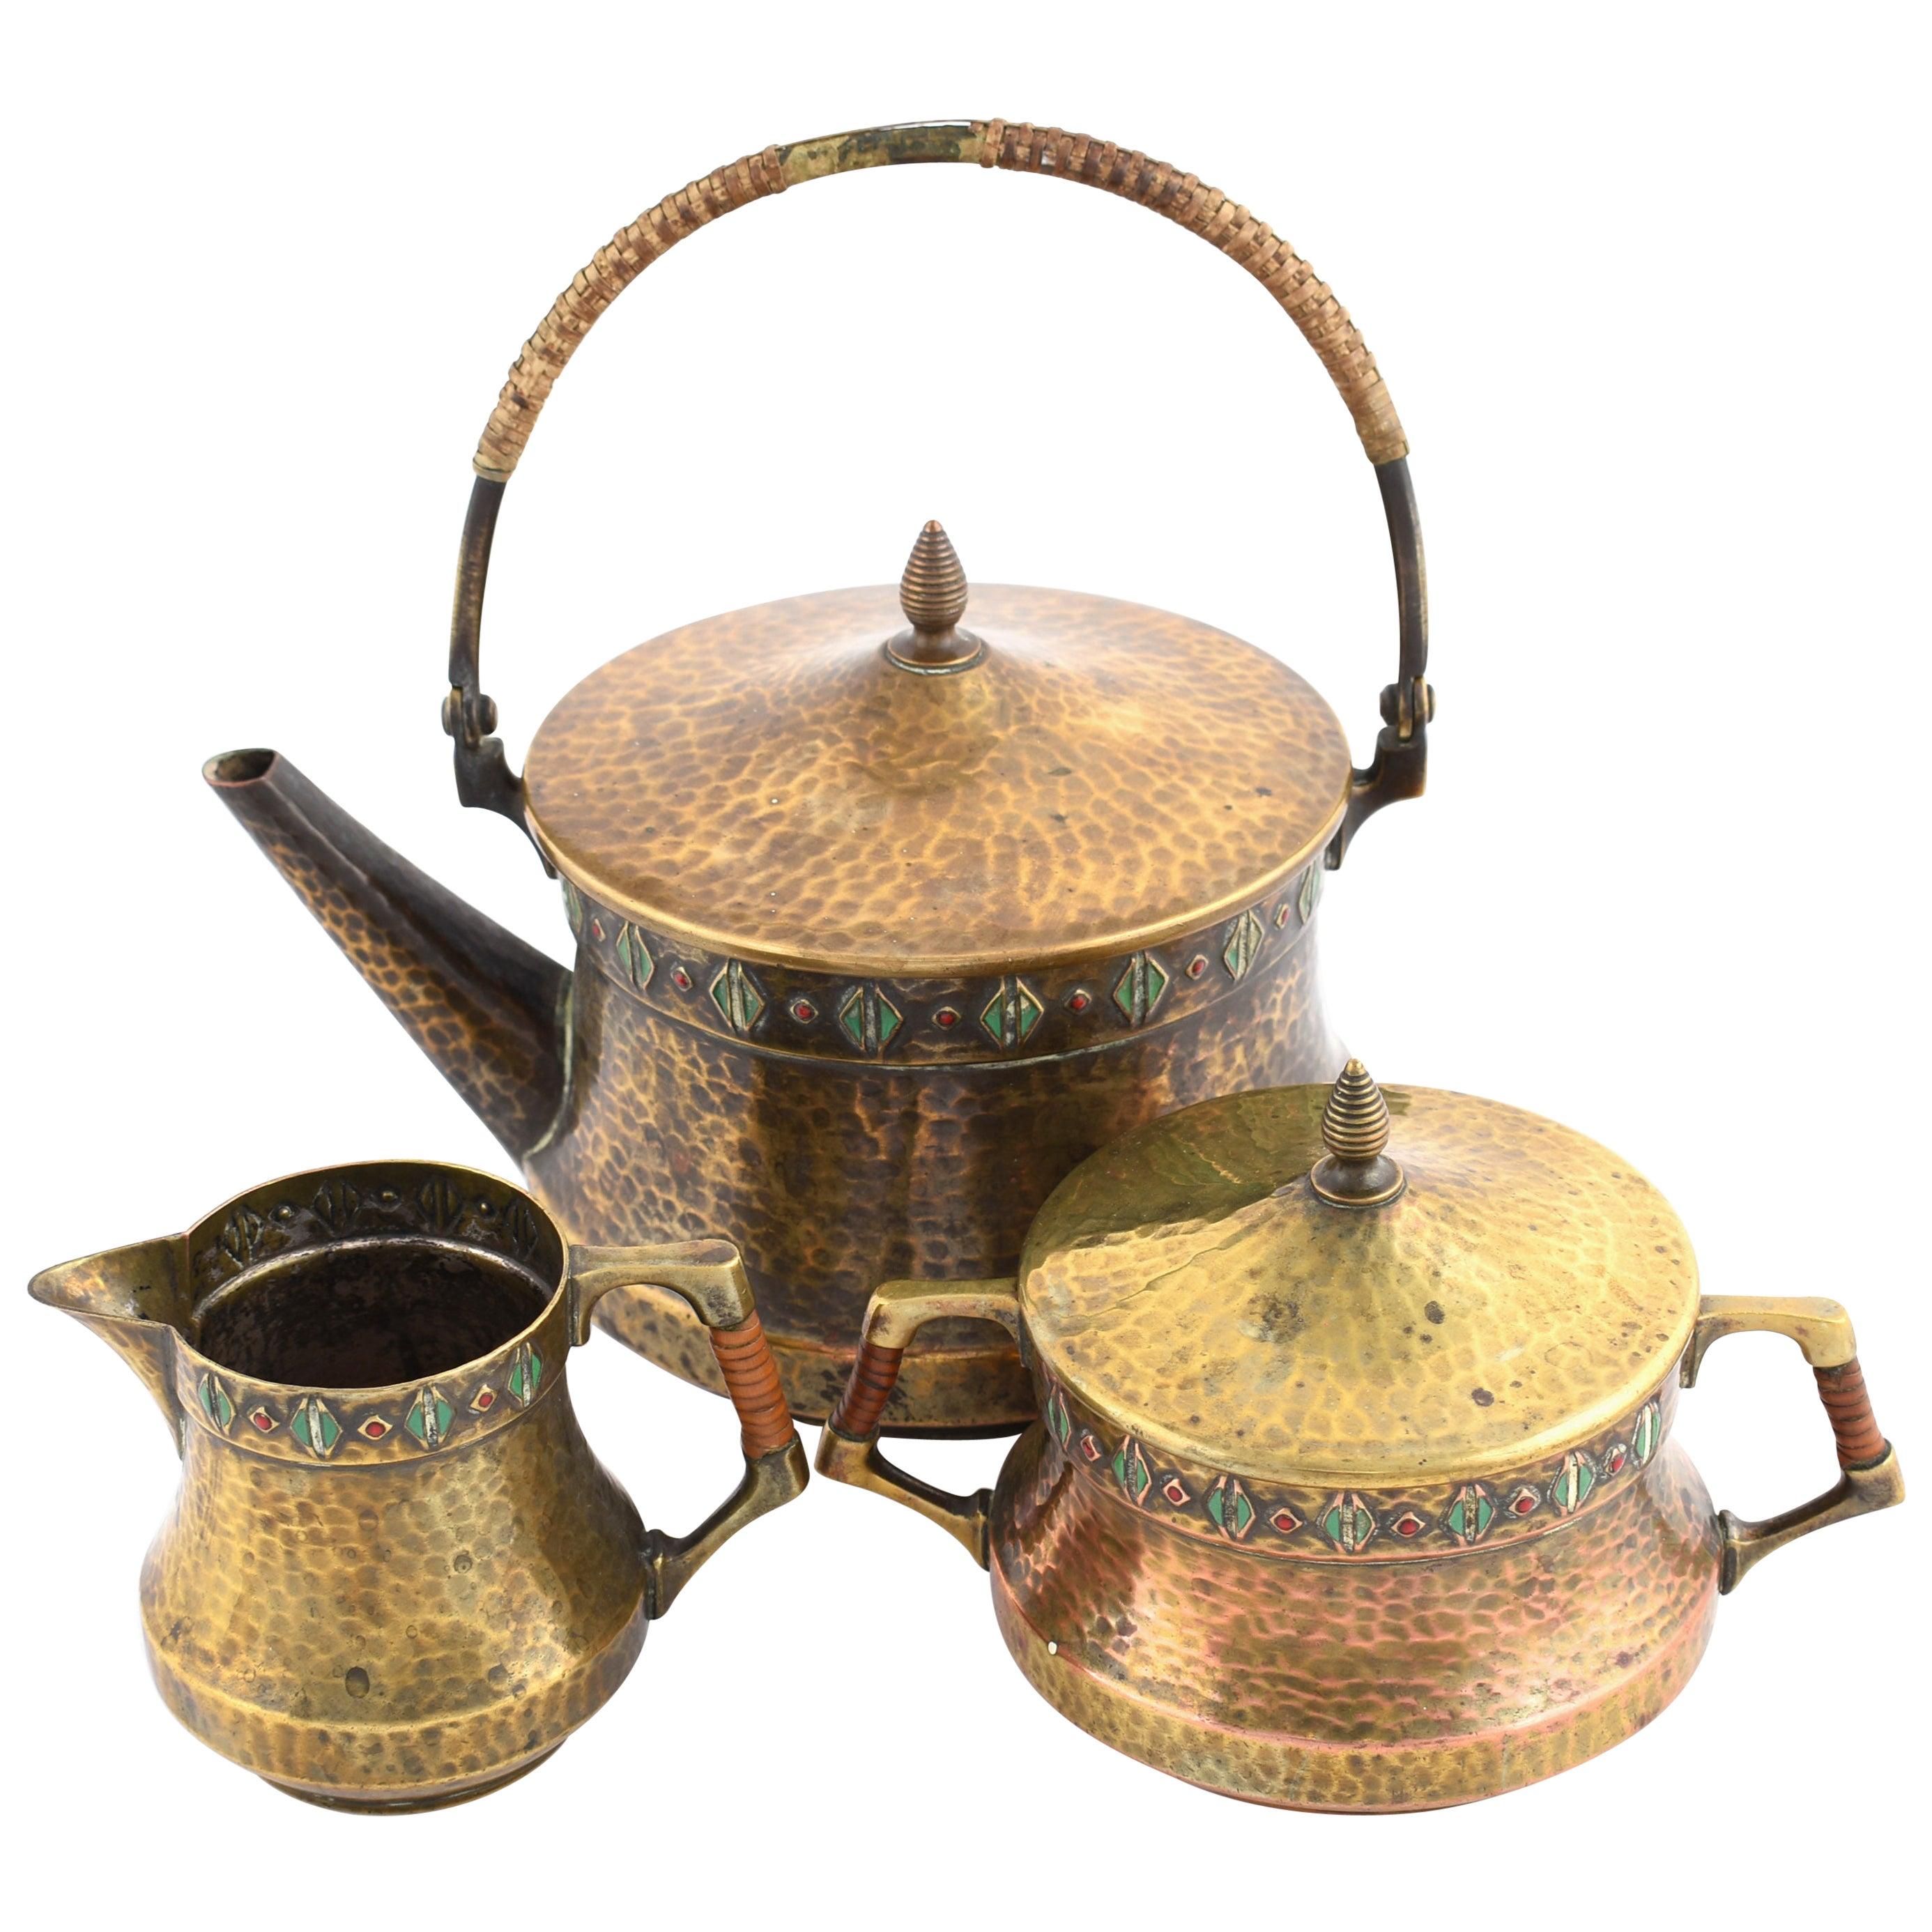 Jugendstil Vintage Tea Set by WMF, Germany, 1910s